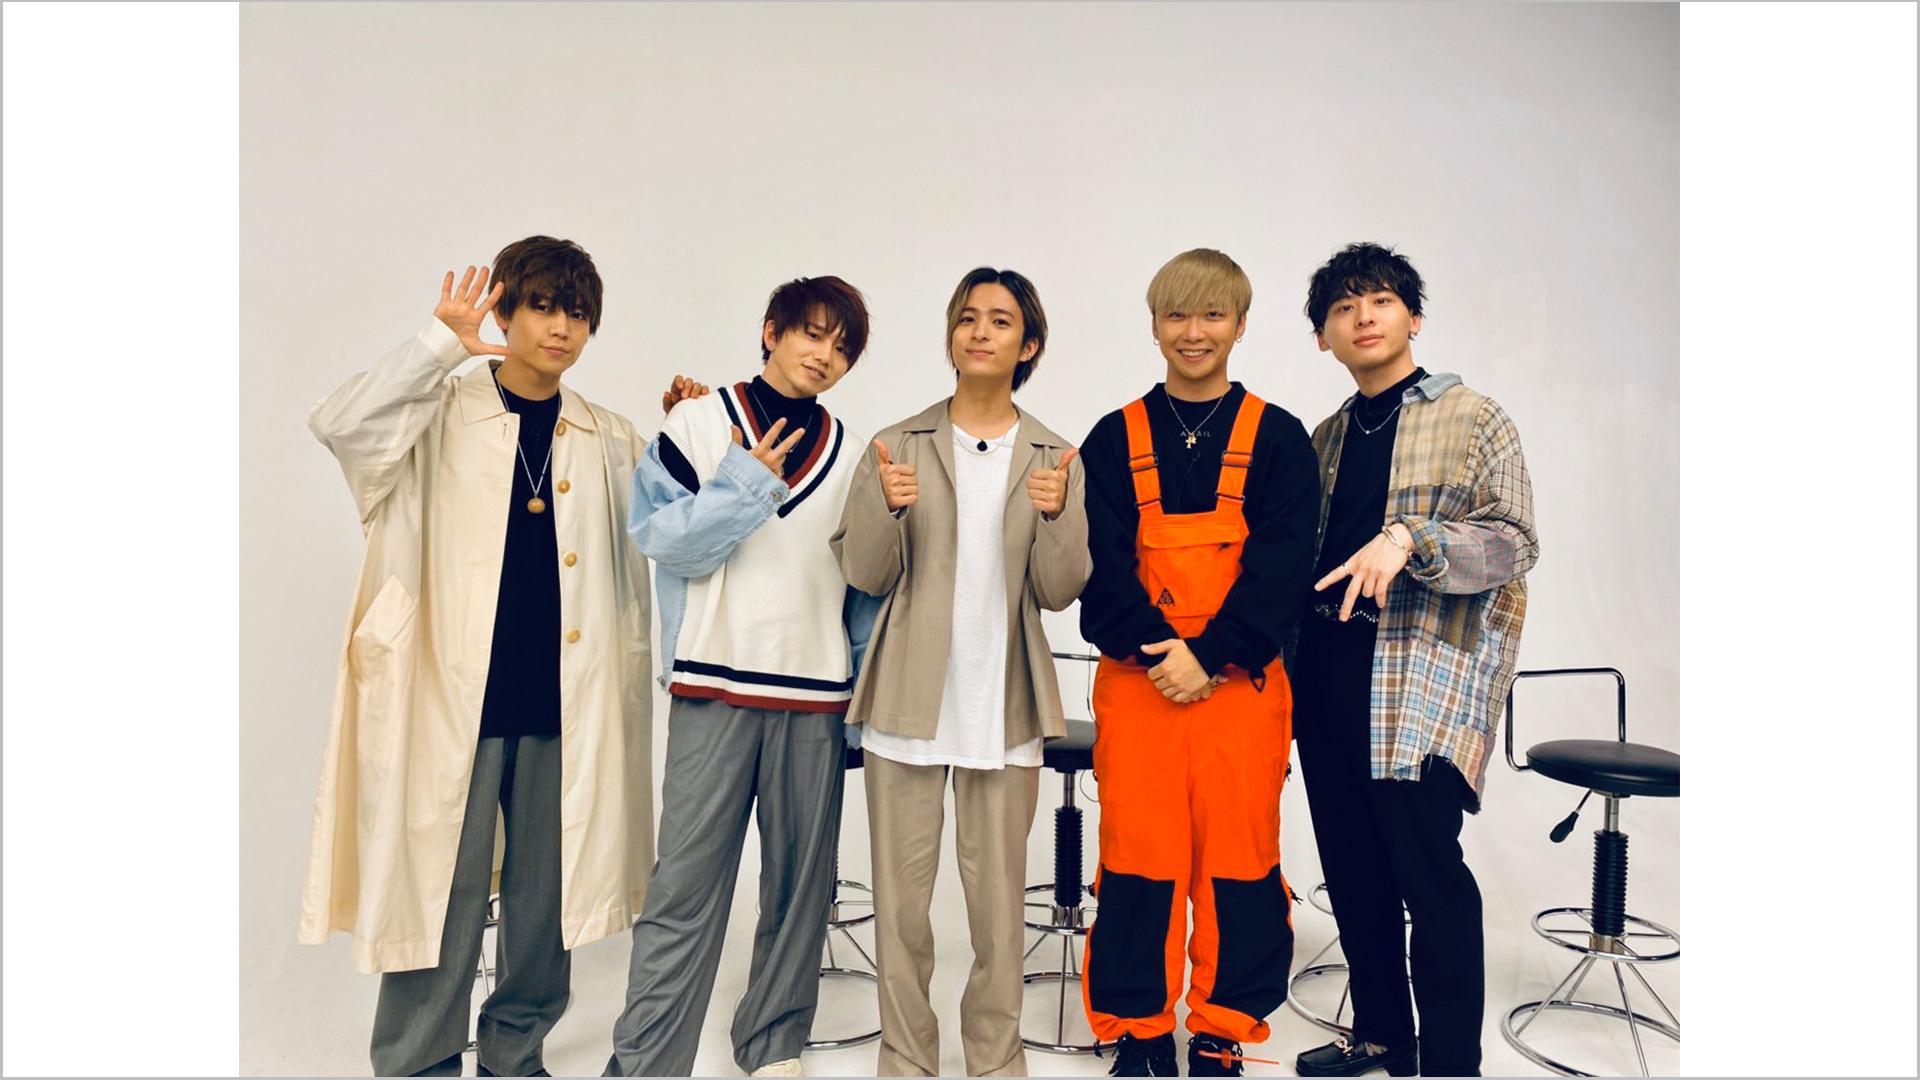 Da-iCE BEST TOUR開催記念!Da-iCEのBESTメンバーは誰だ!?SP & Da-iCEのBESTメンバー今夜決定!SP